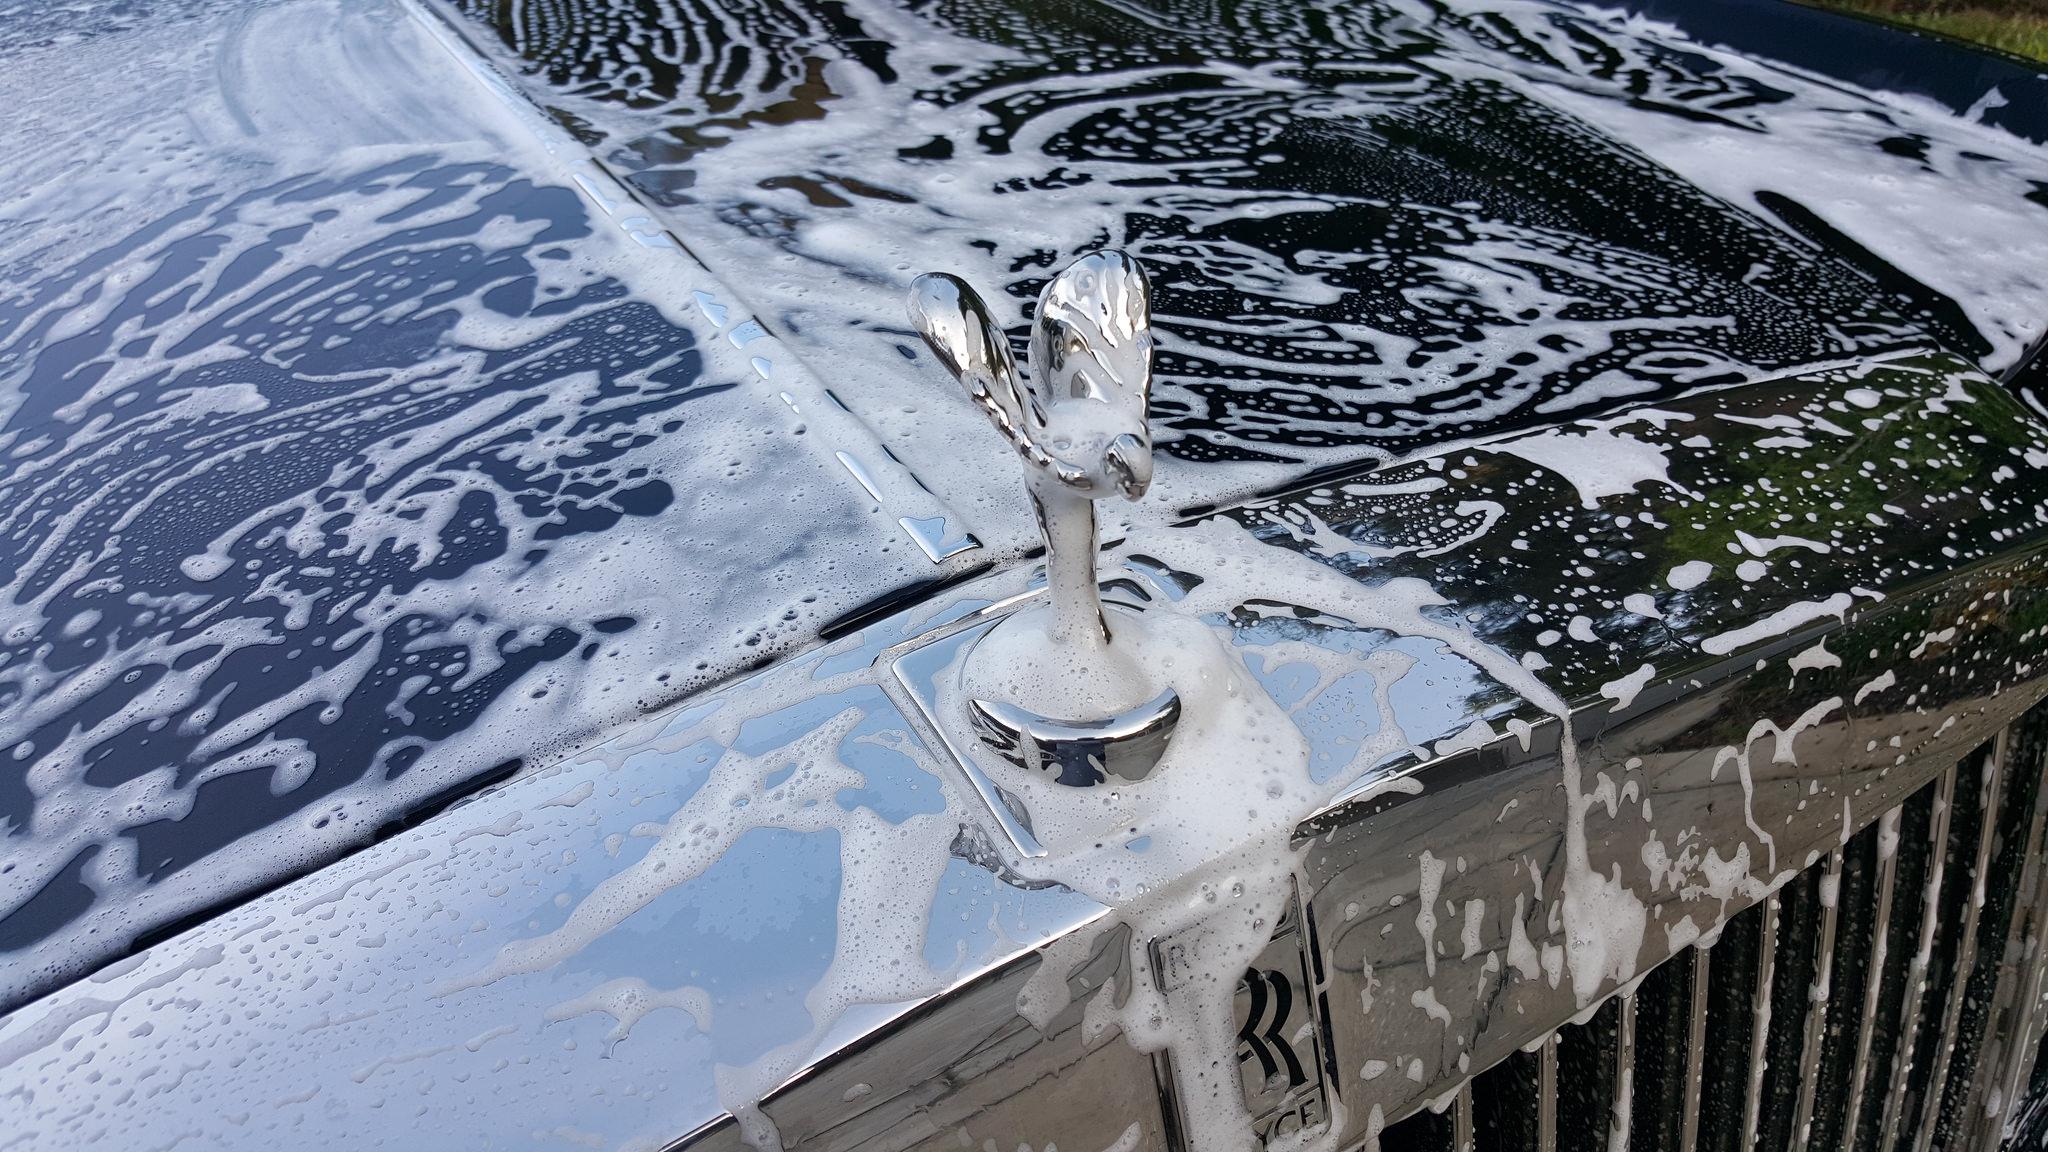 Rolls Royc Car Wash detailing polished